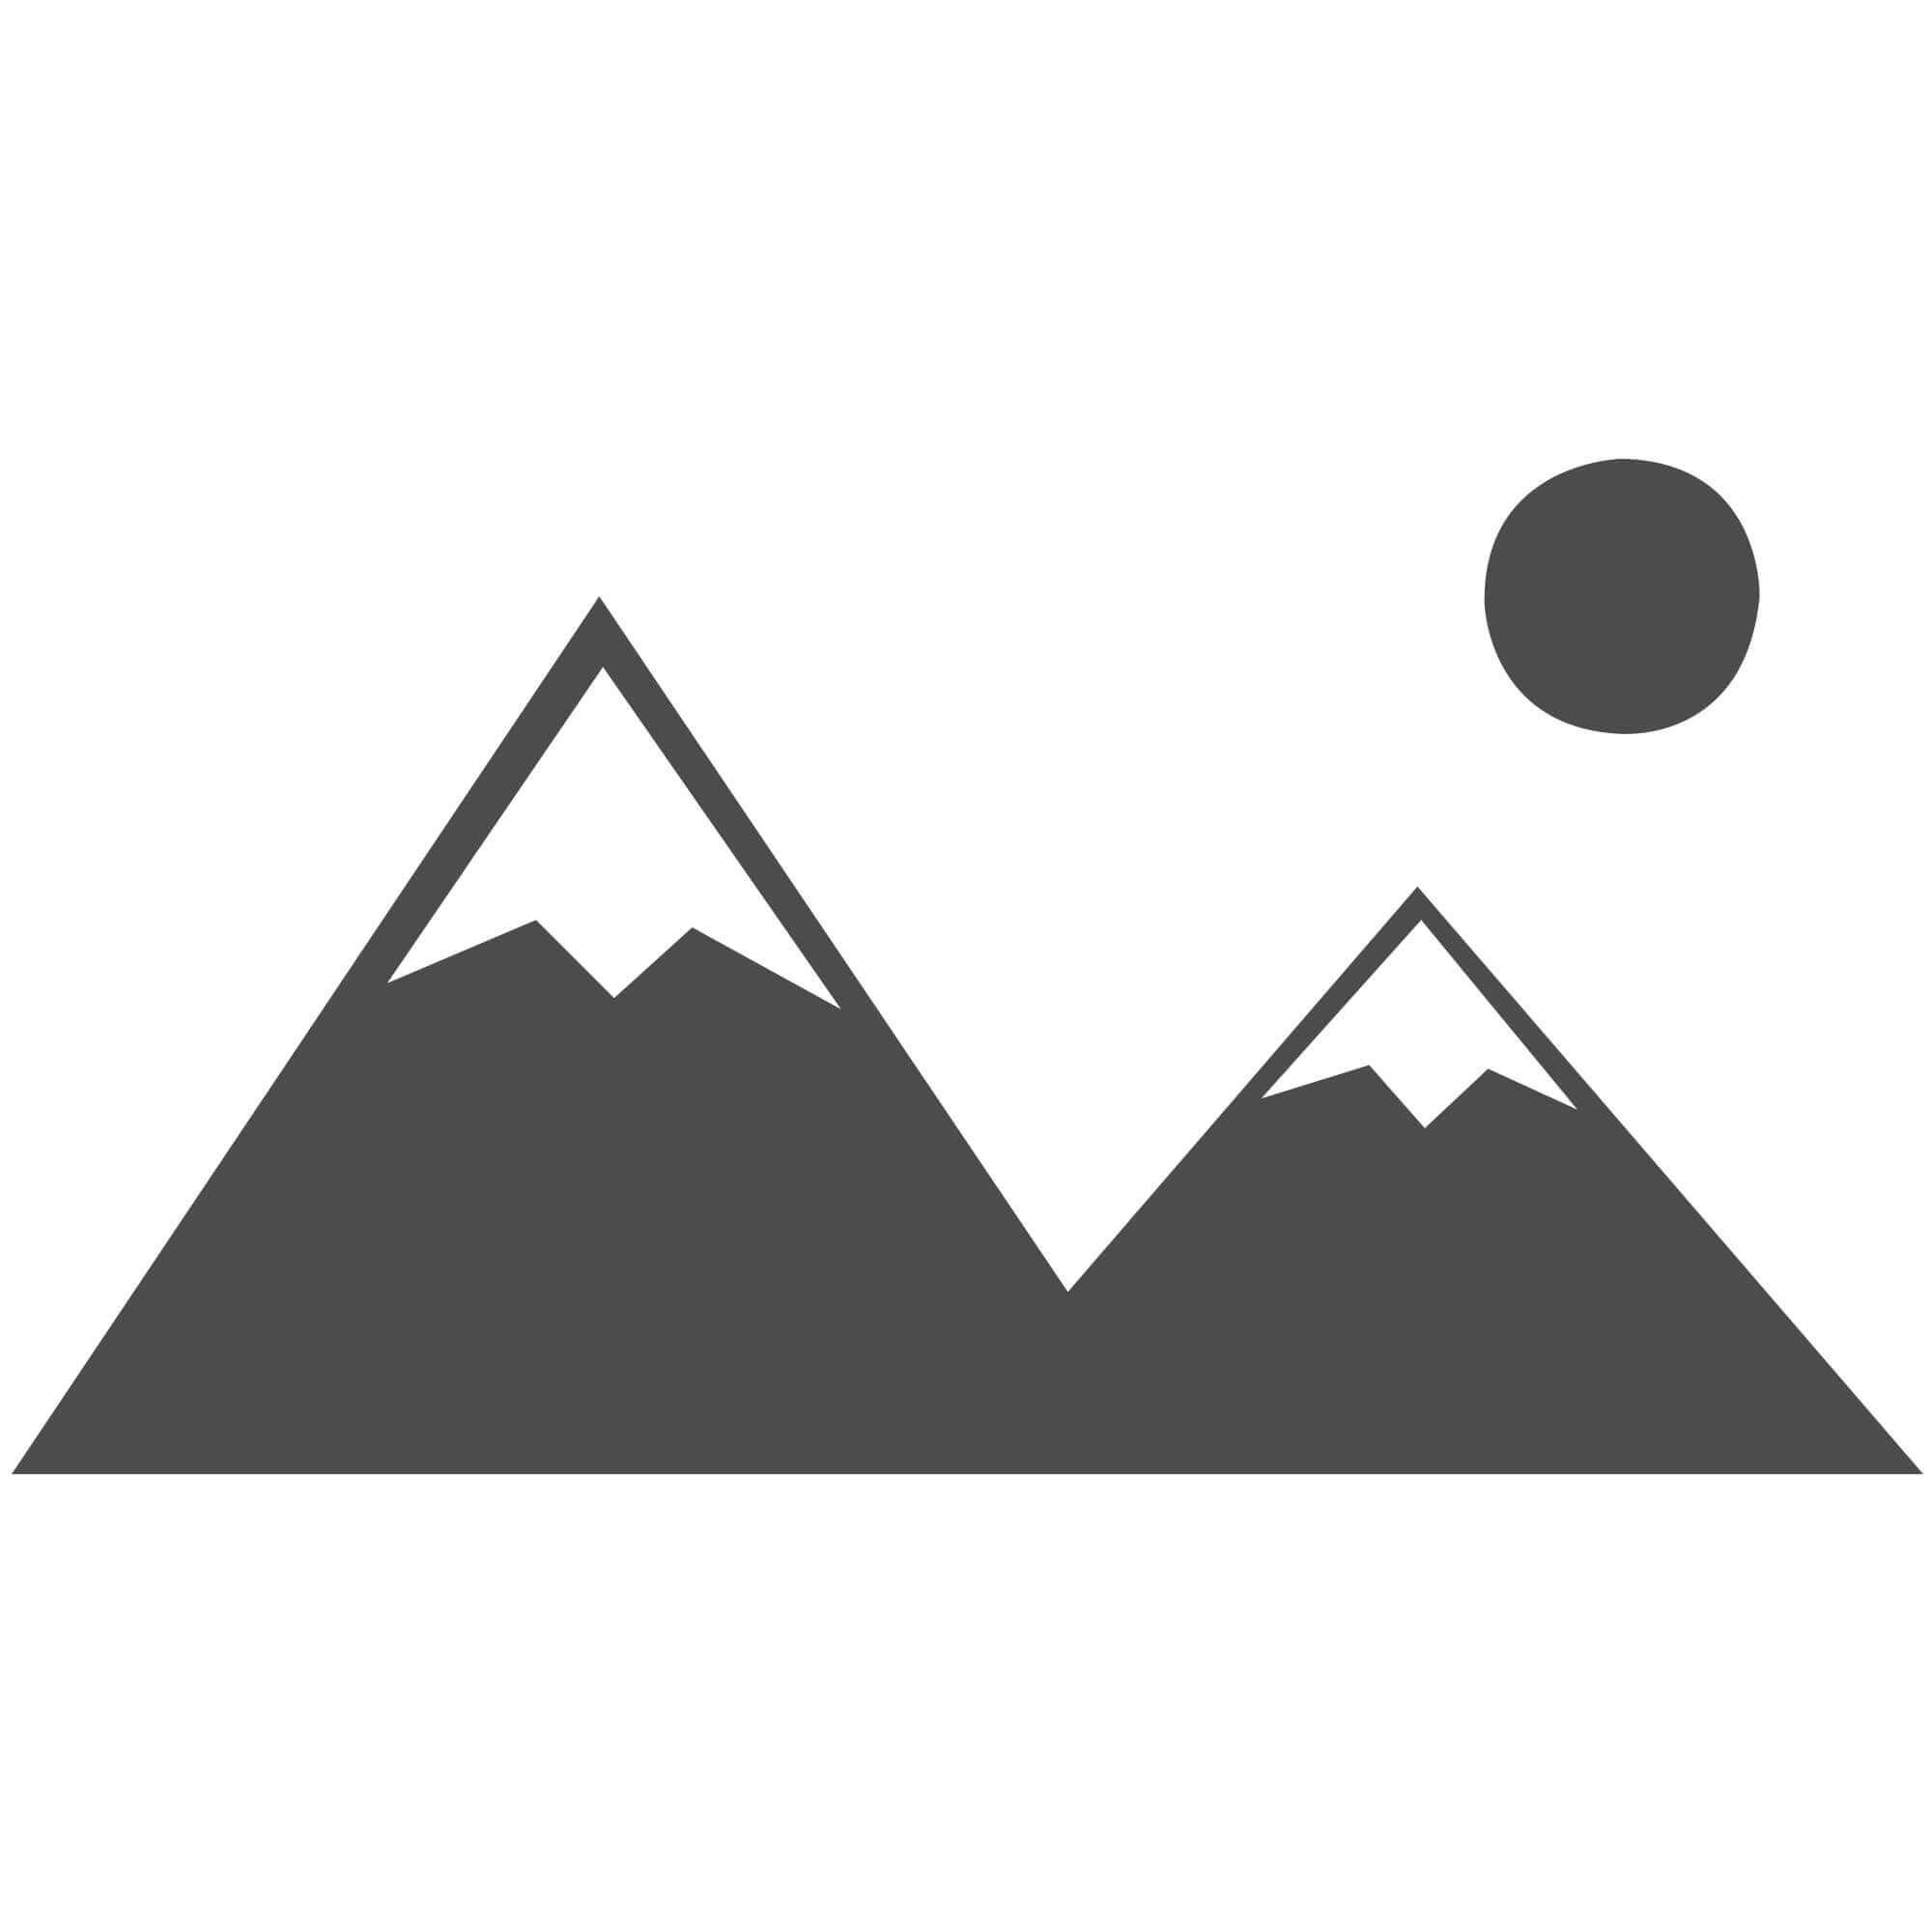 Profile Cutting Machine Pipe Cutter Machine Baileigh